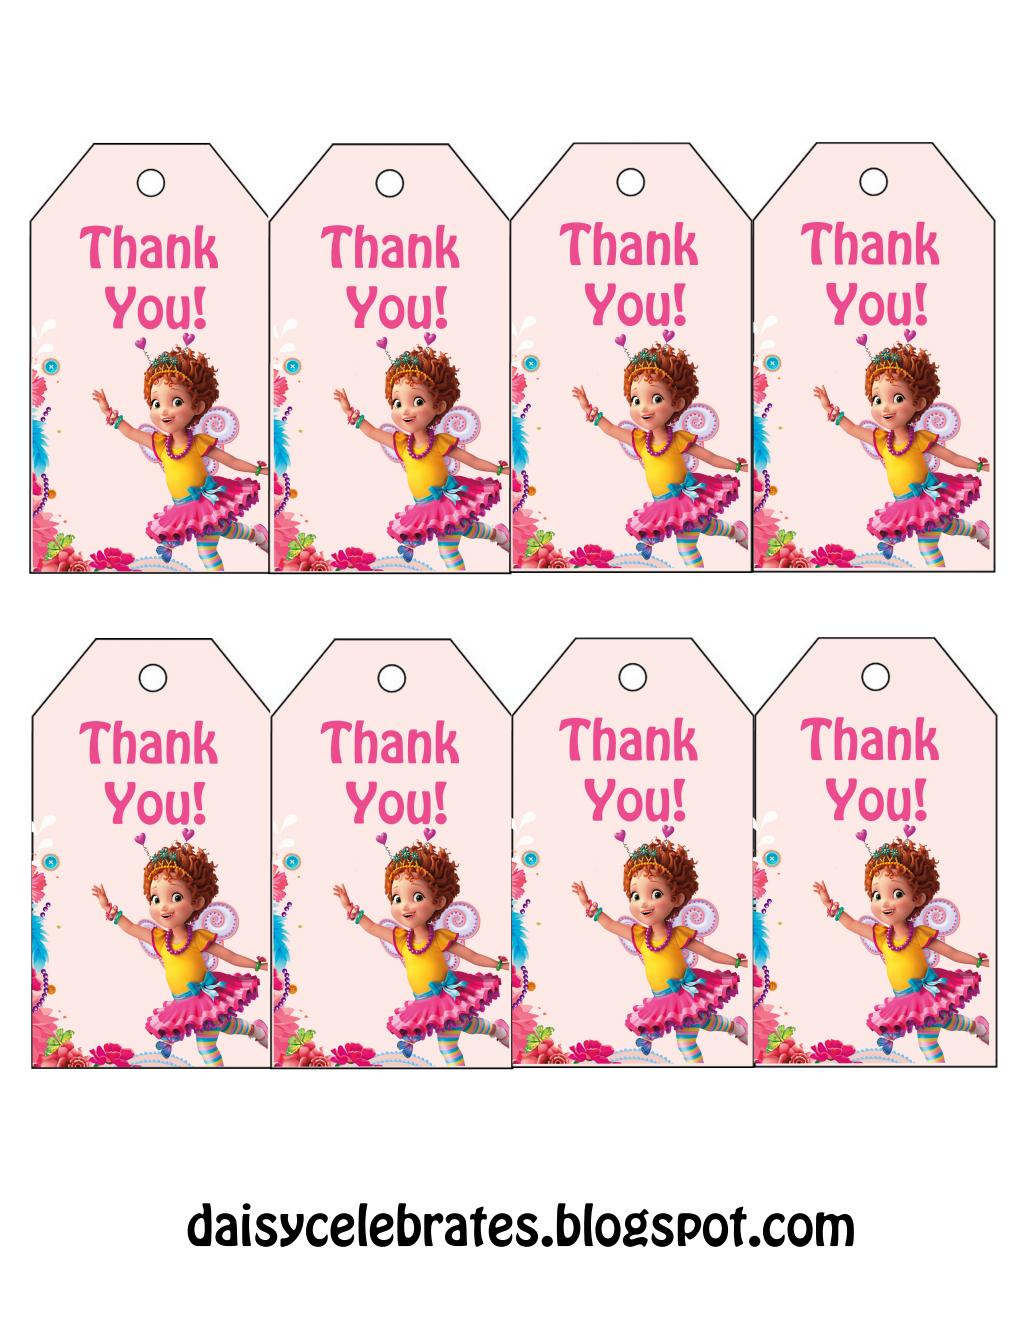 Fancy Nancy Tags.pdf - Google Drive | Fancy Nancy, Fancy